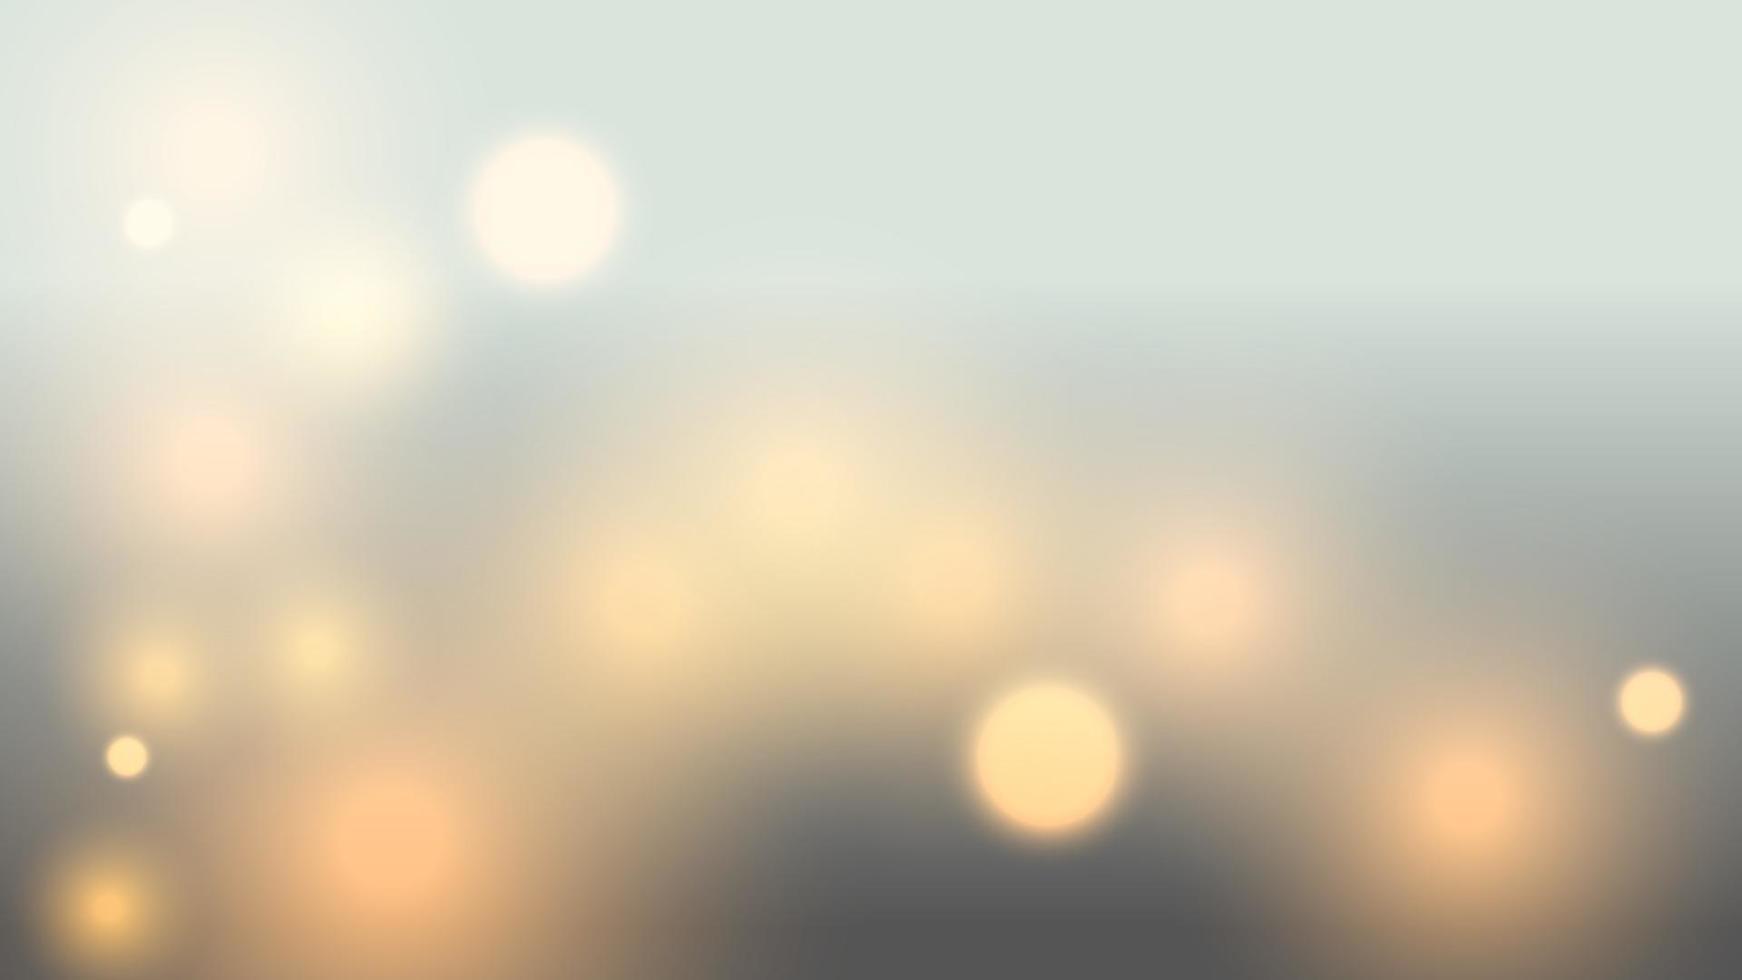 abstrakte bokeh Lichthintergrundillustration vektor